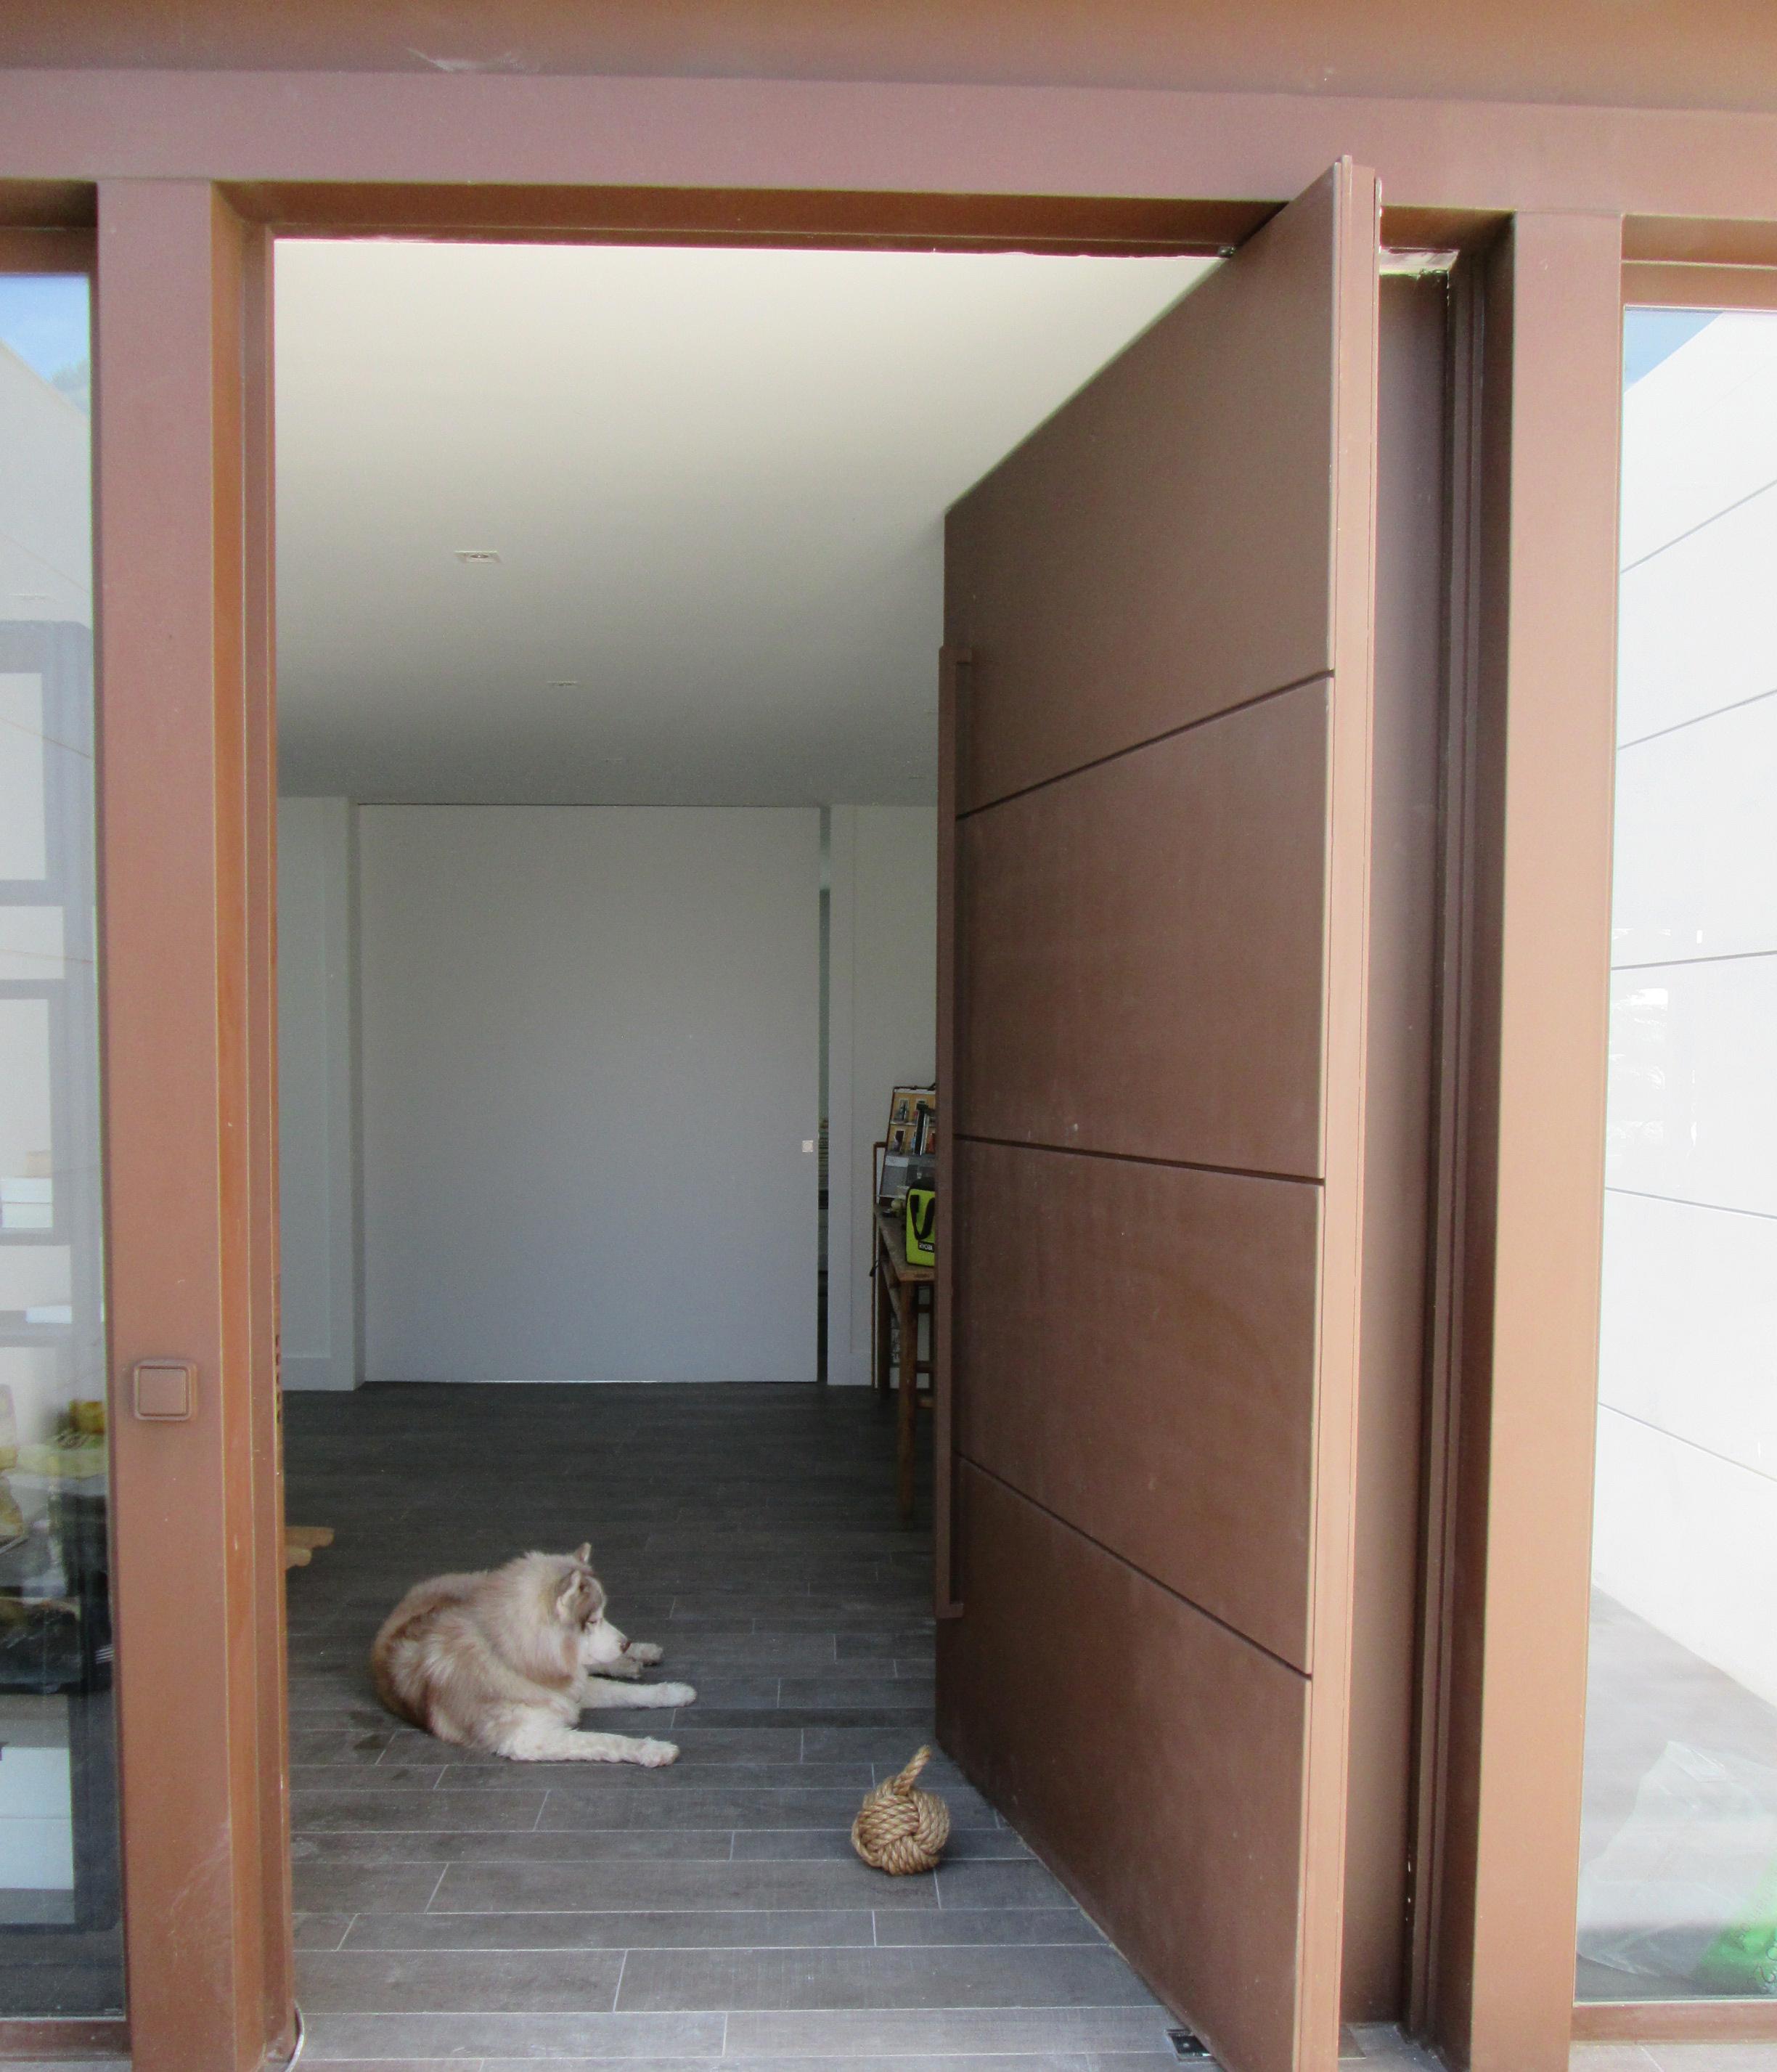 Puertas pivotantes de exterior de m xima seguridad for Puertas para casas precios